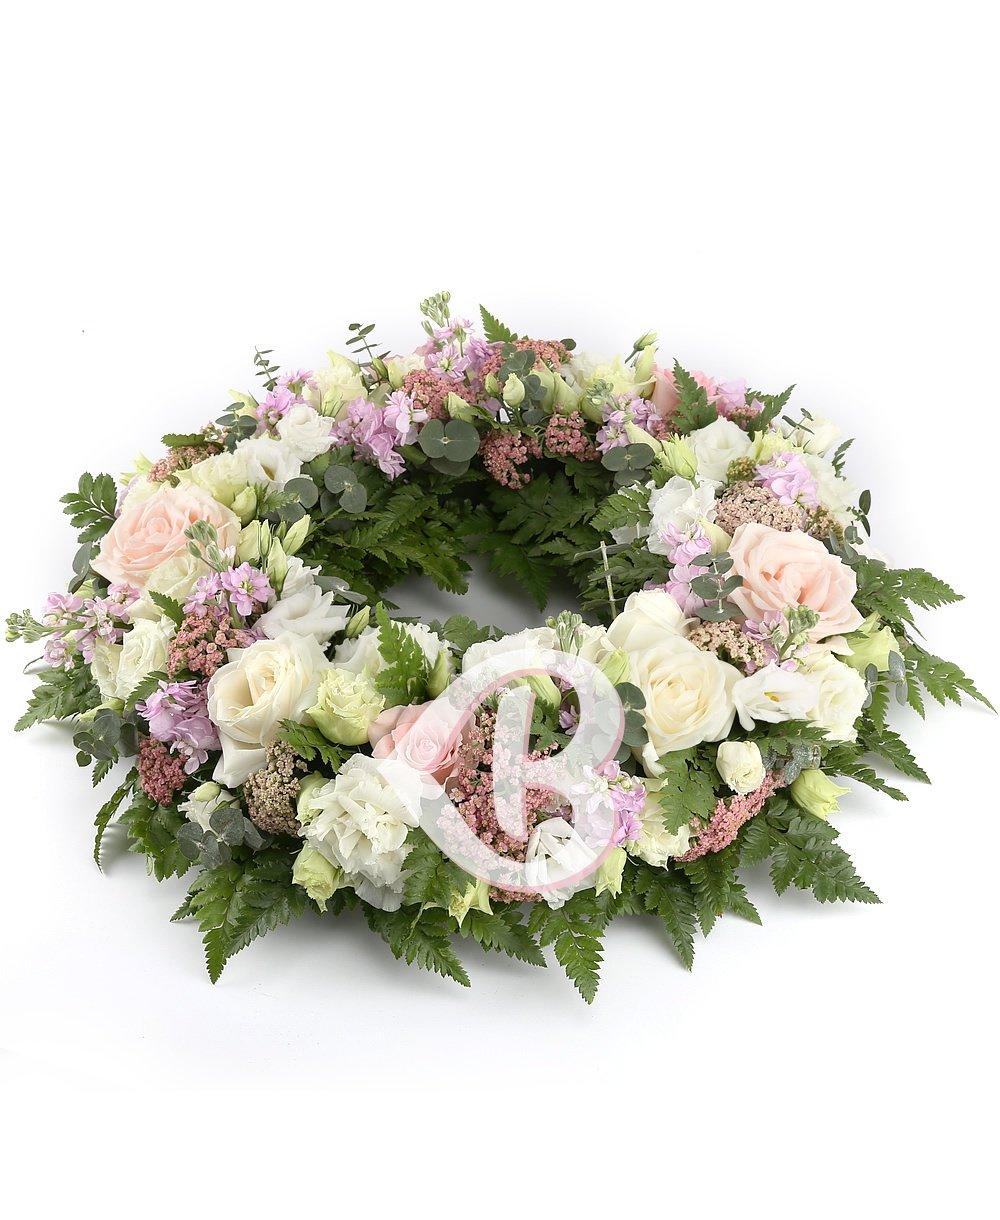 Imaginea produsului Colac Funerar Trandafiri şi Lisianthus